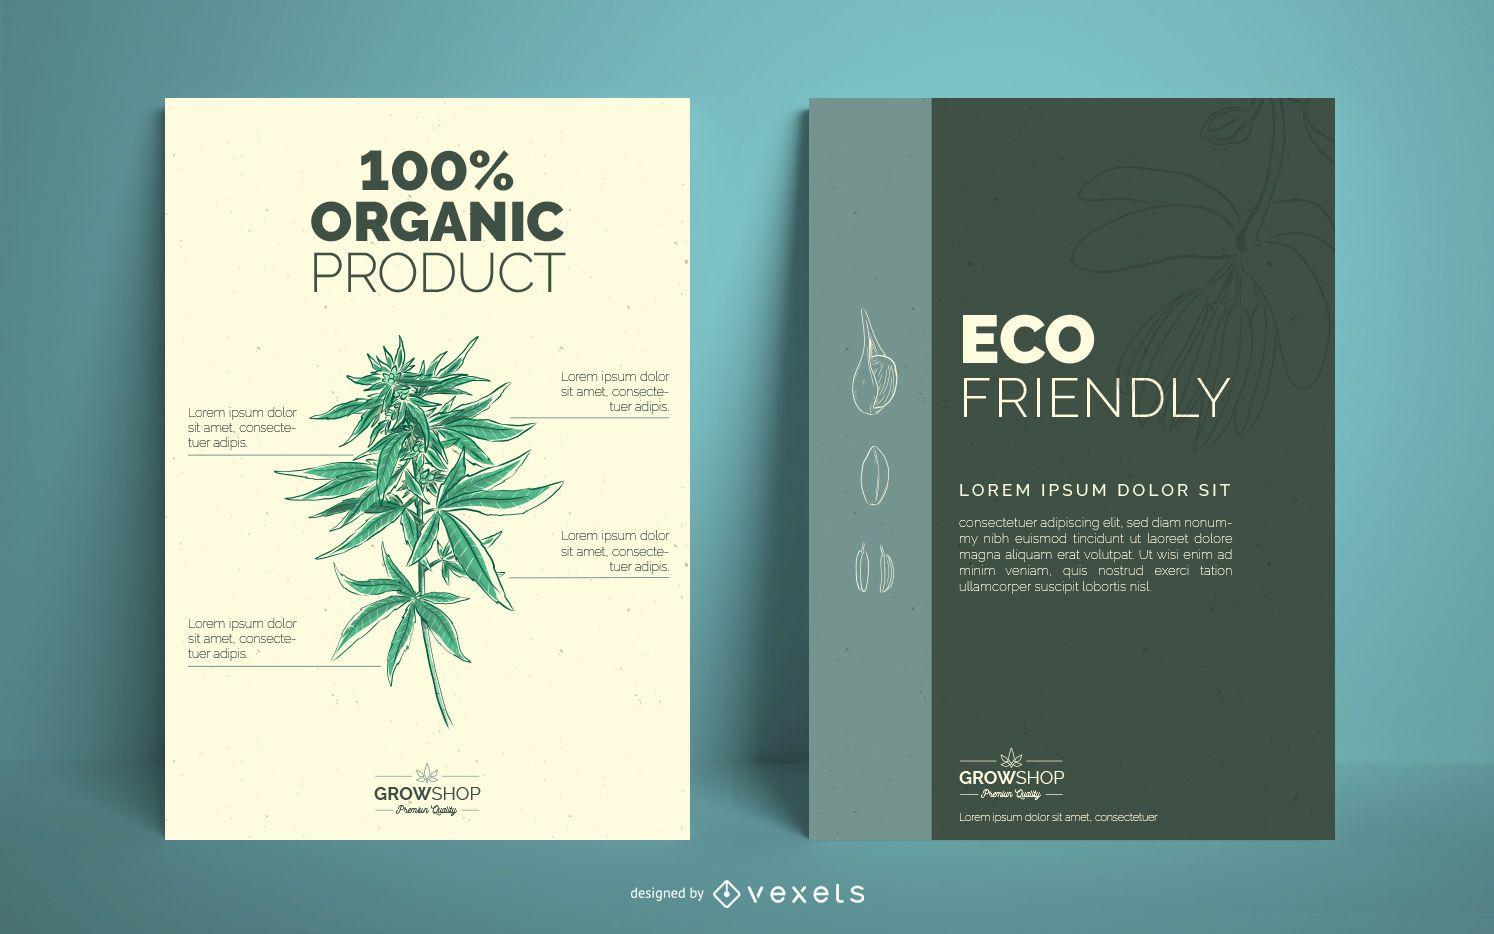 Conjunto de design de cartazes da Grow Shop